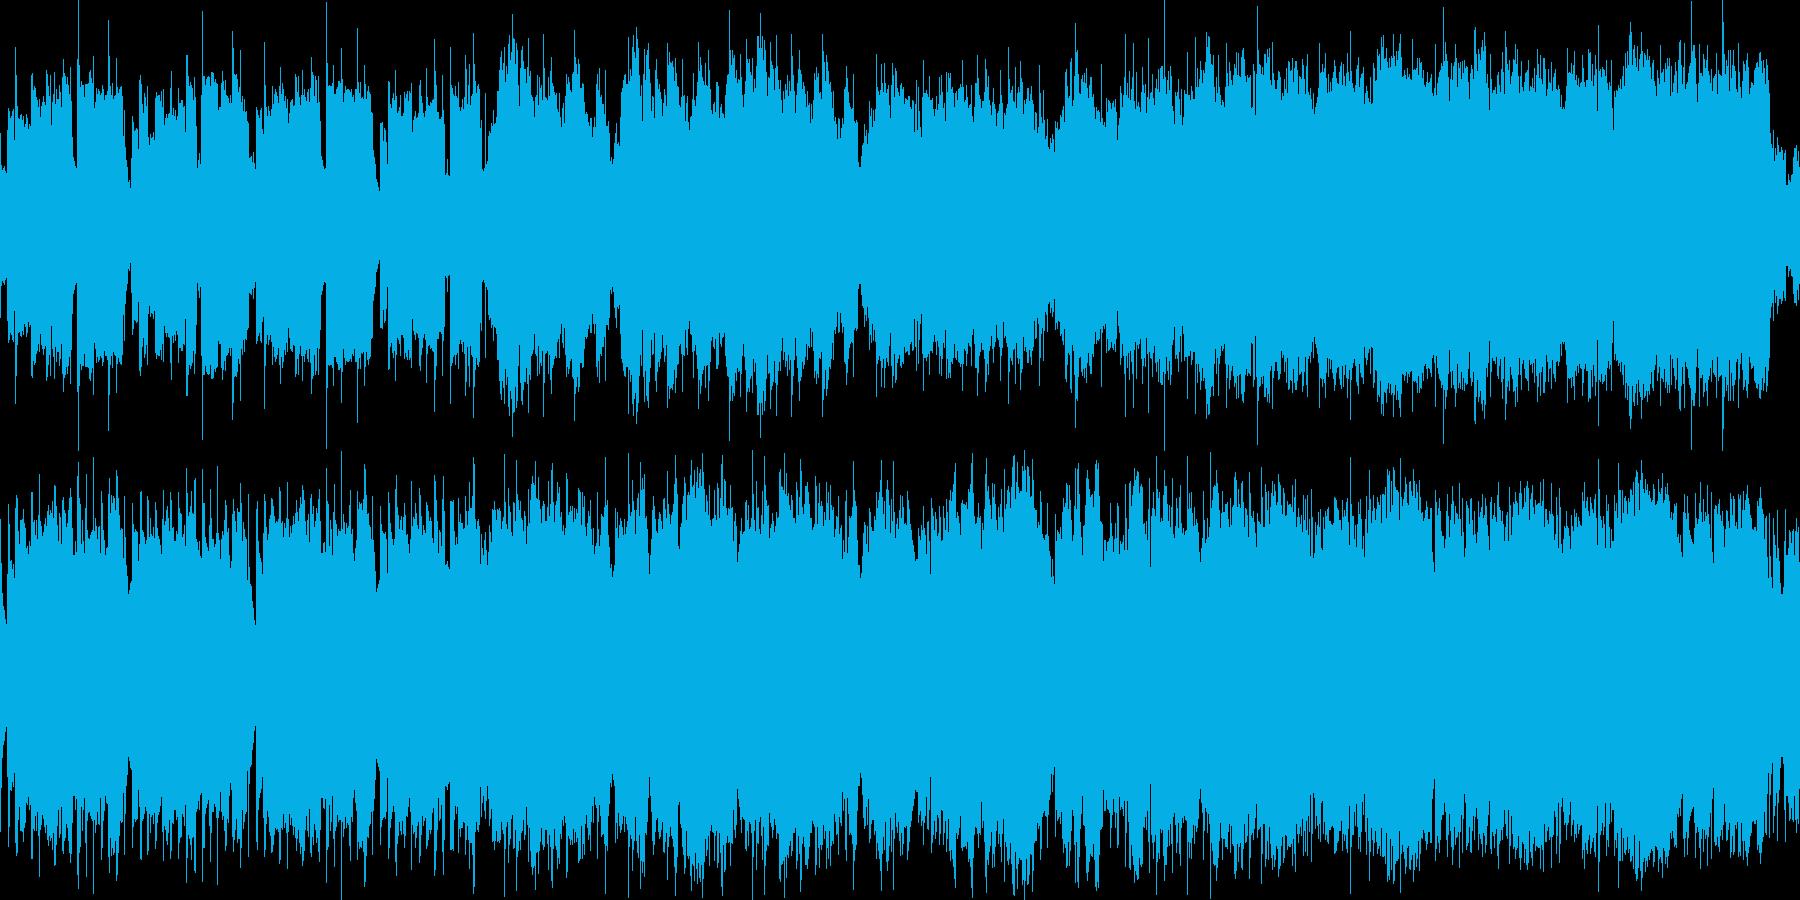 和やかな曲の再生済みの波形